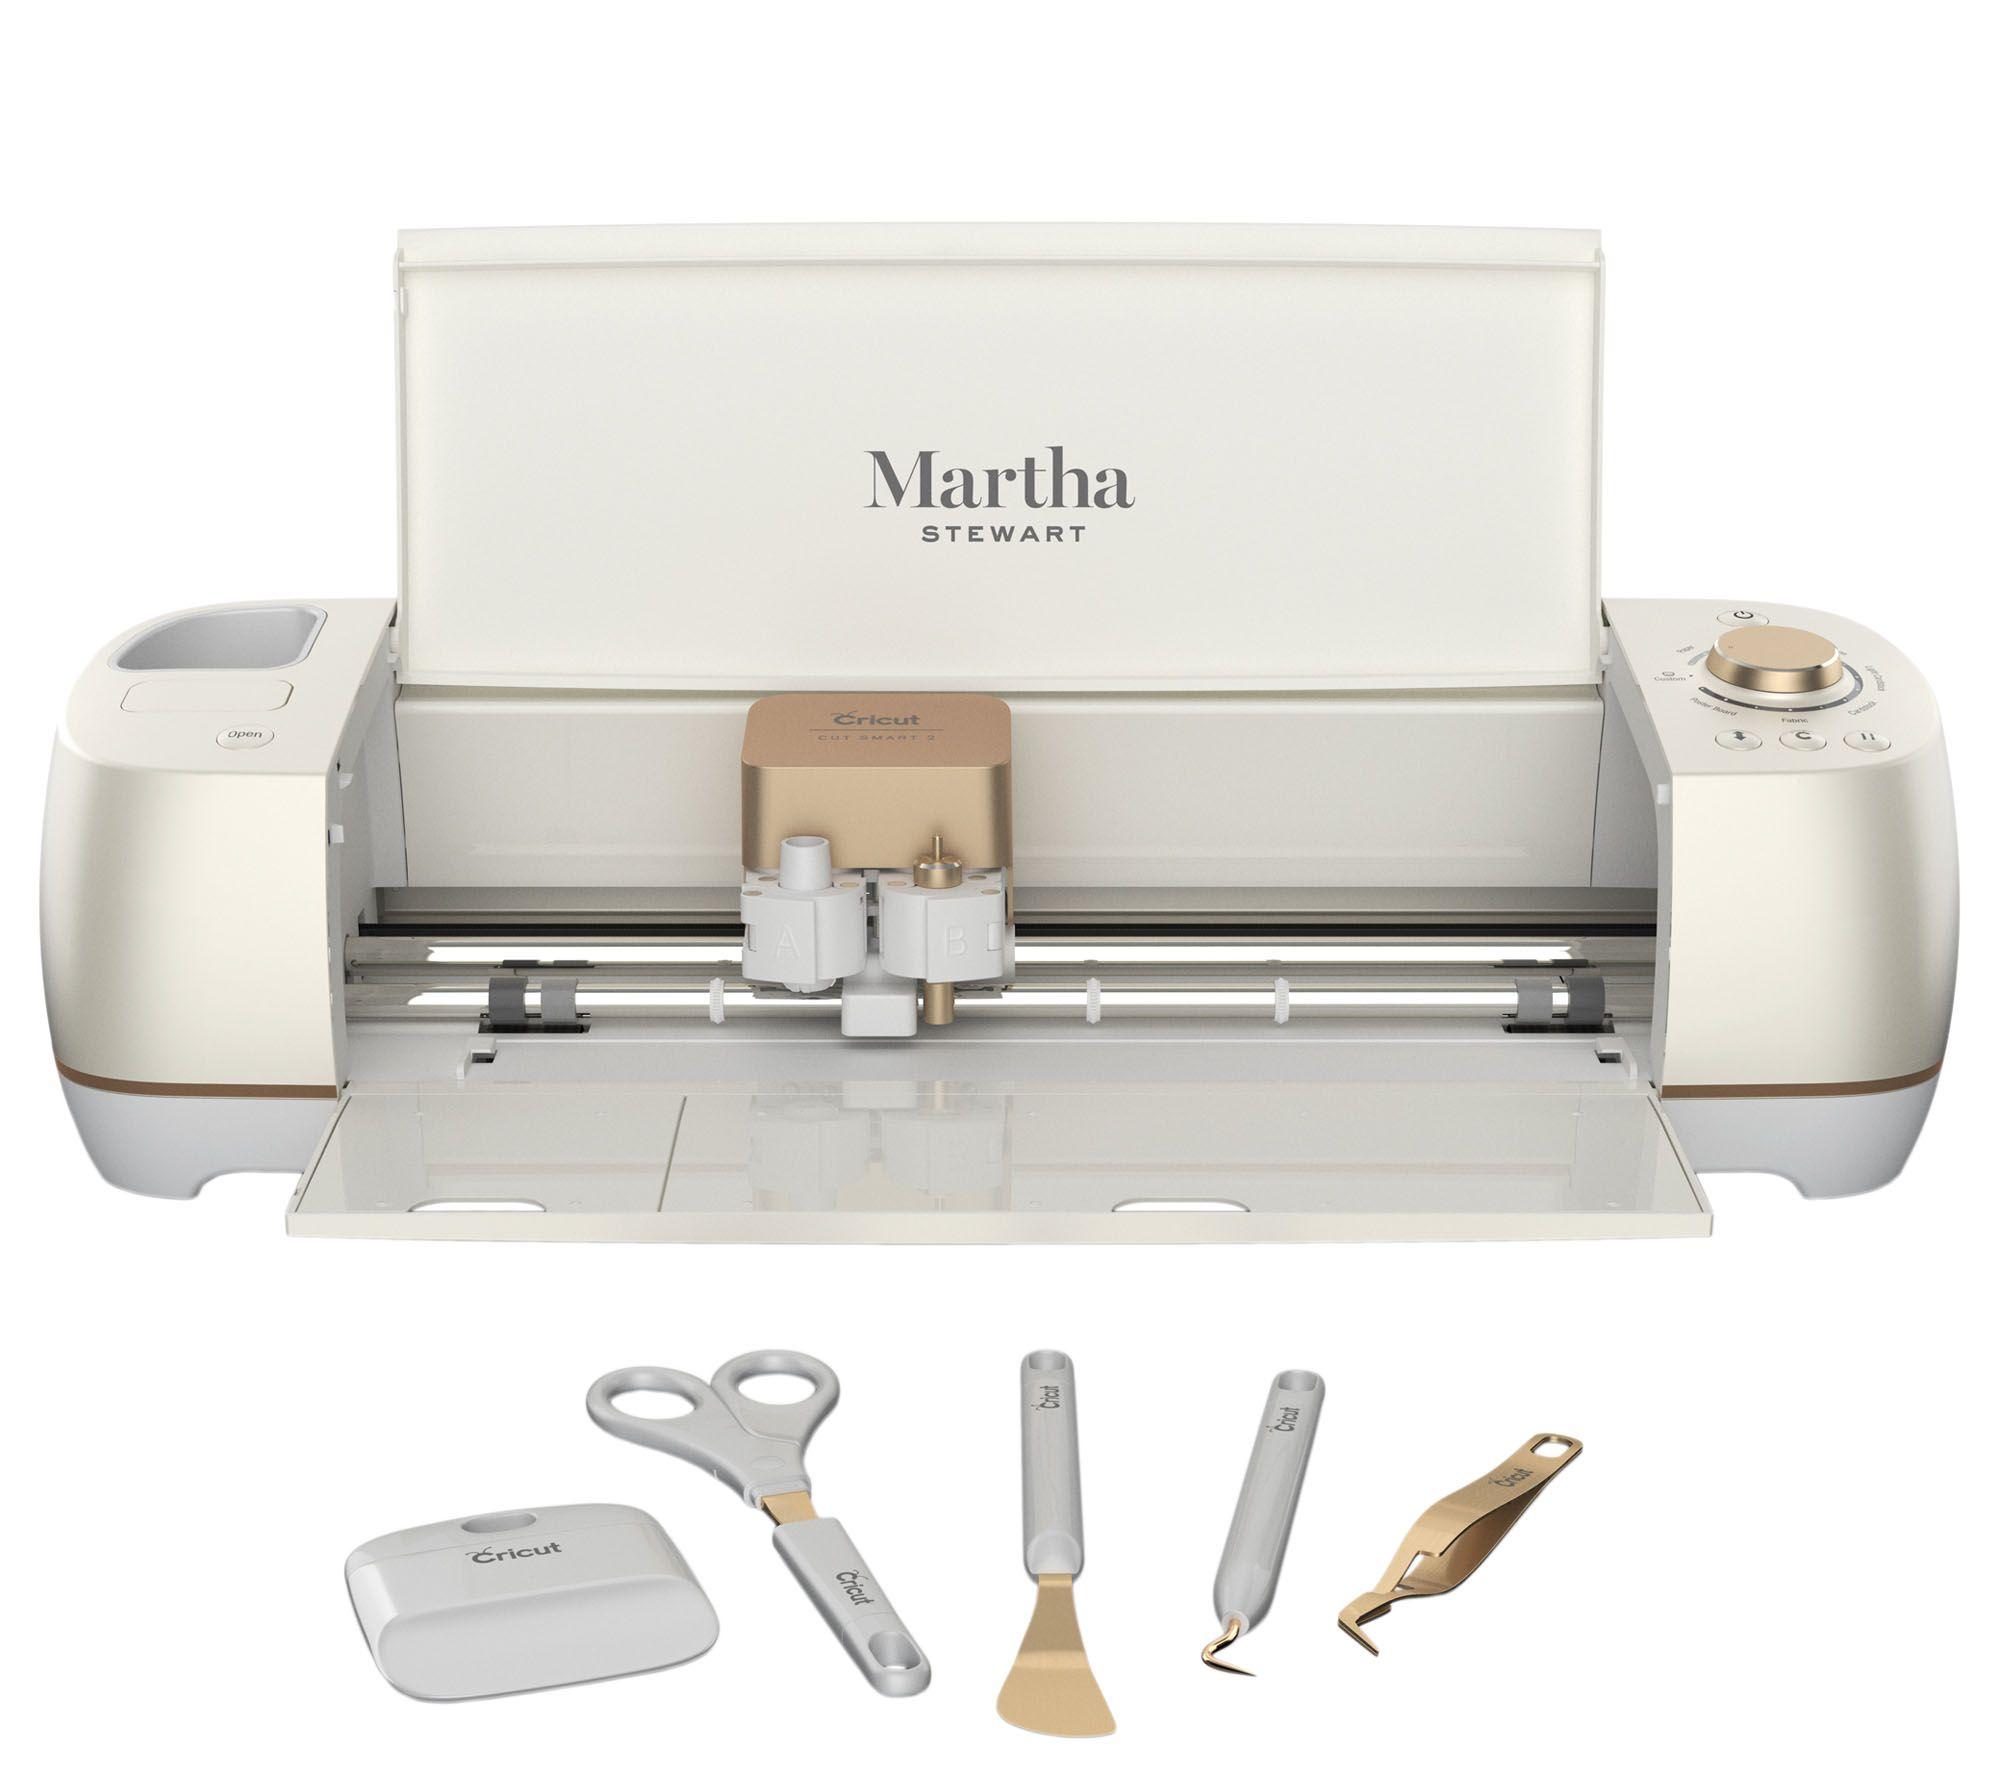 Cricut Explore Air 2 Cutting Machine Martha Edition Page 1 Qvc